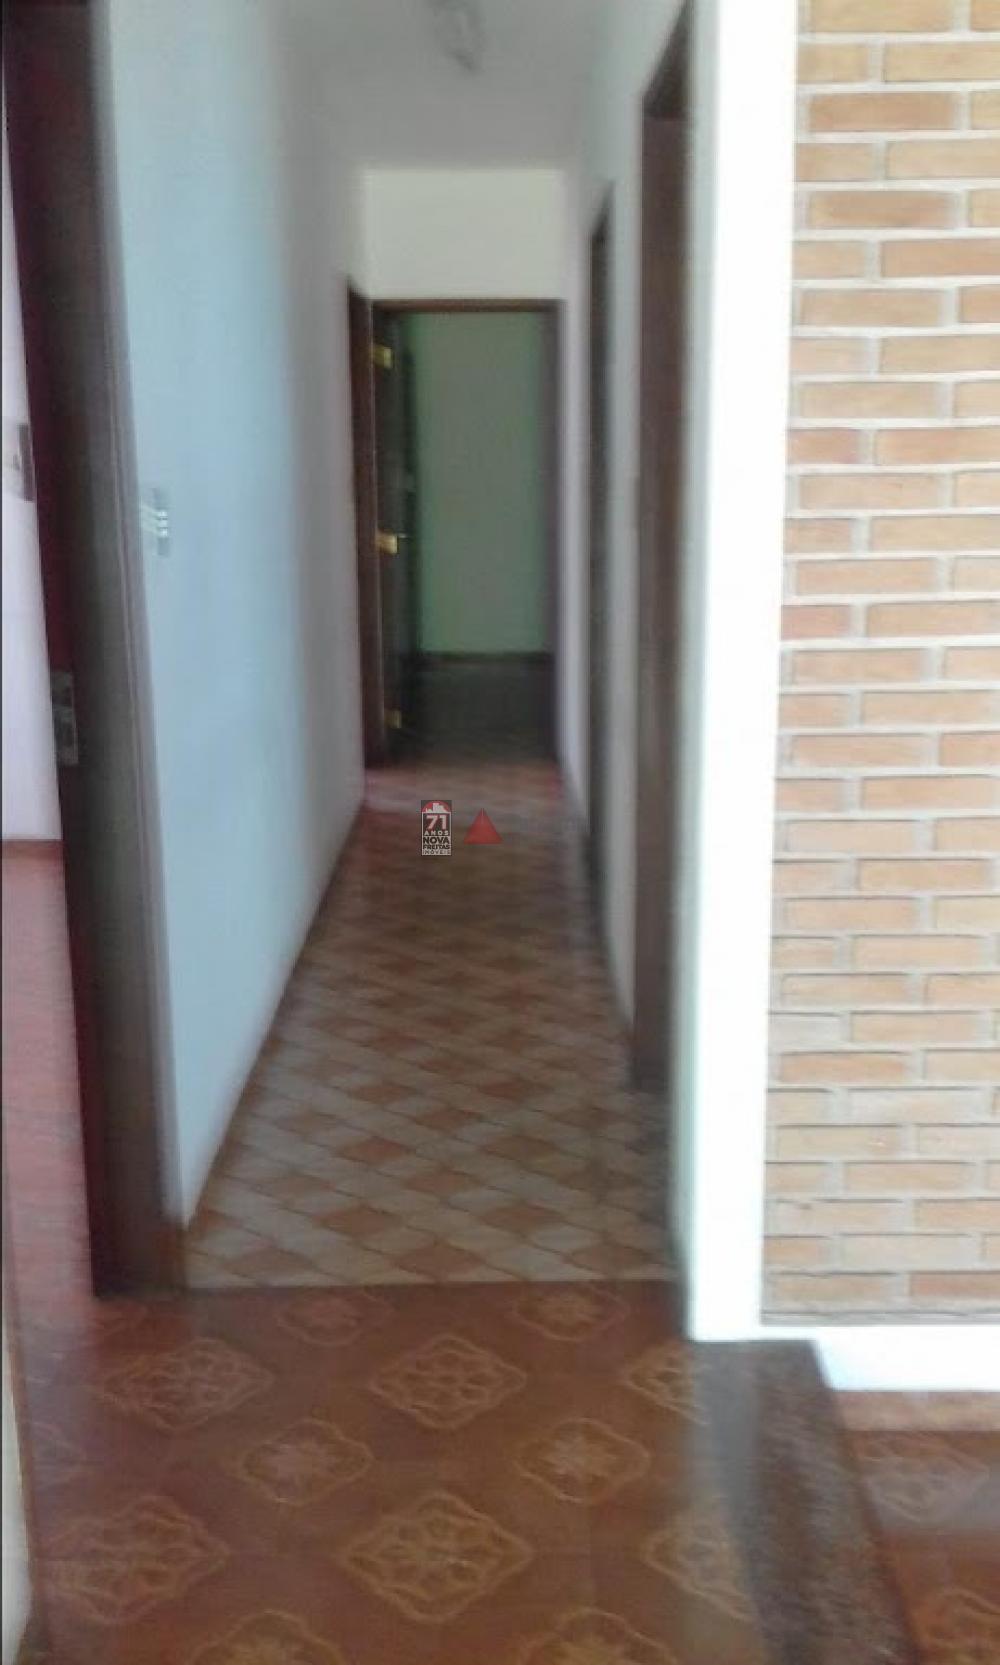 Alugar Comercial / Casa Comercial em São José dos Campos apenas R$ 3.500,00 - Foto 10